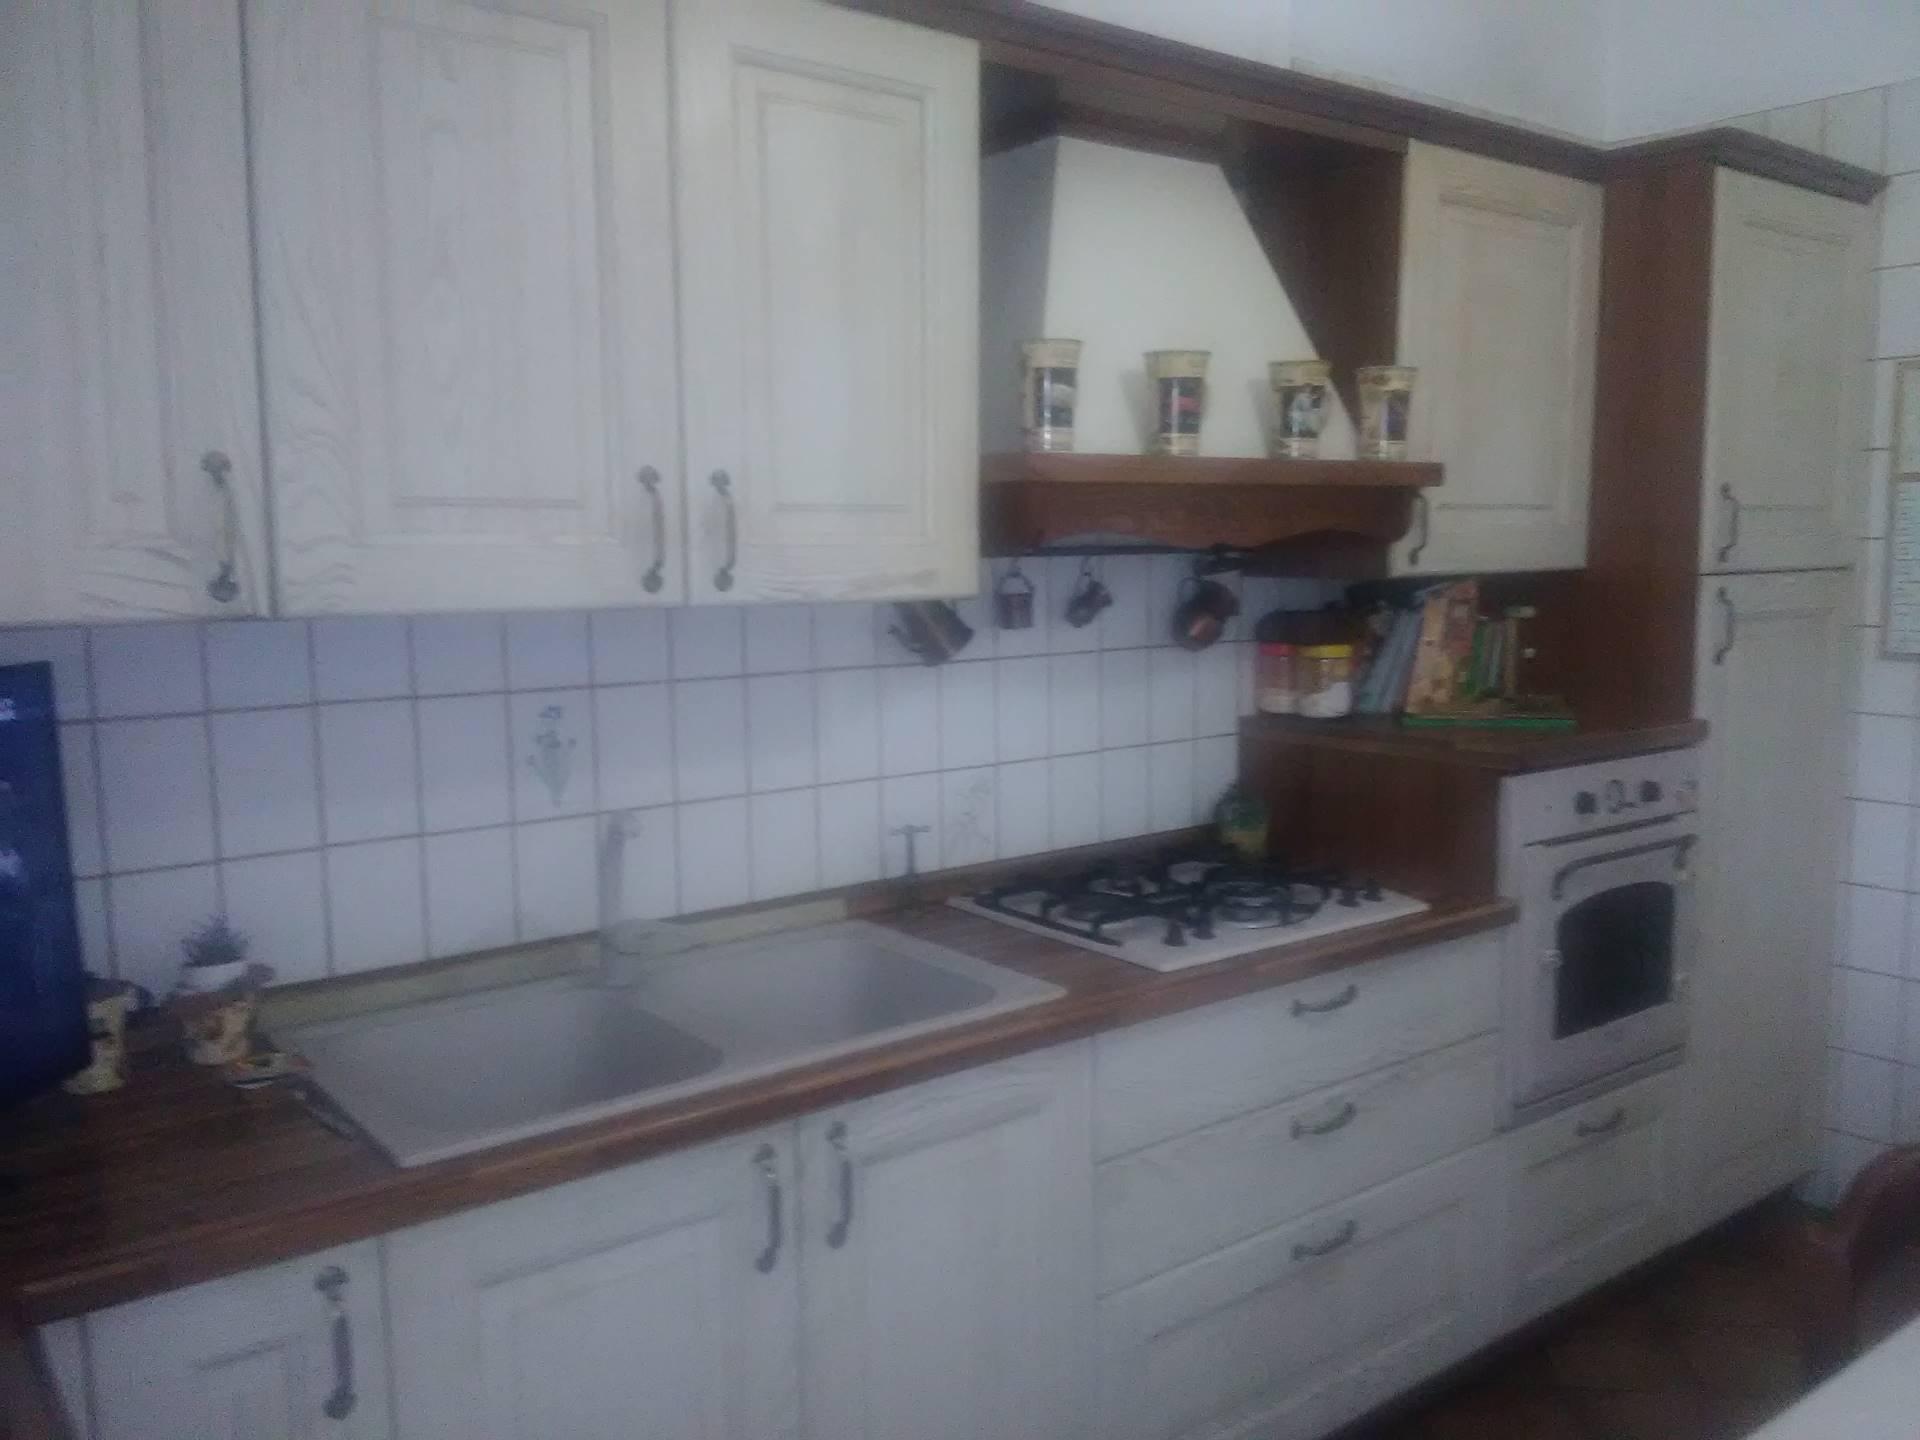 Villa in vendita a Collesalvetti, 4 locali, zona Località: Collesalvetti, prezzo € 250.000 | CambioCasa.it